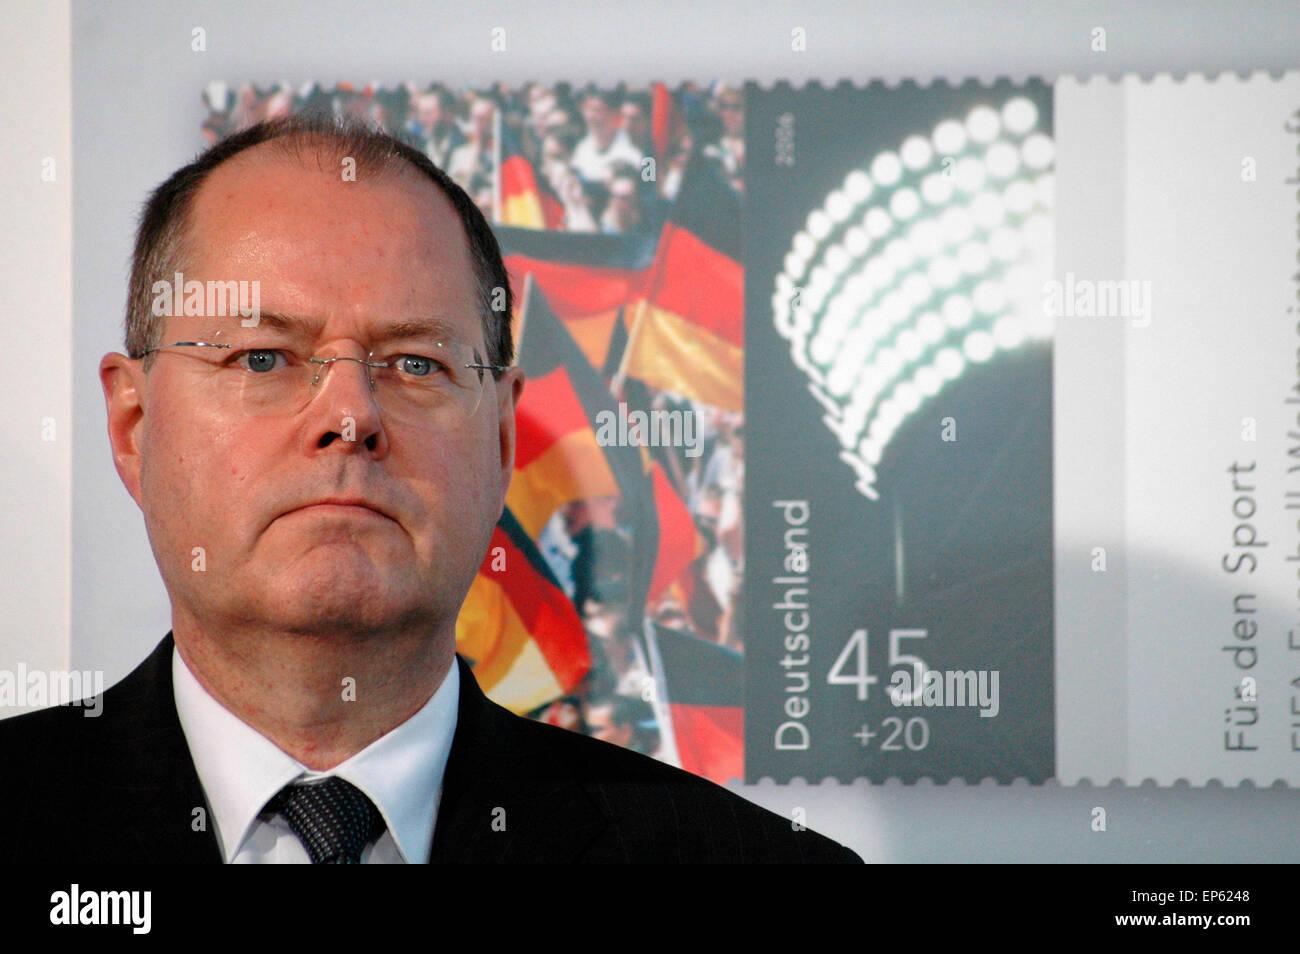 Peer Steinbrueck - Vorstellung der Sonderwertzeichen 'Fuer den Sport 2006' sowie einer Gedenkmuenze im Bundeskanzleramt - Stock Image